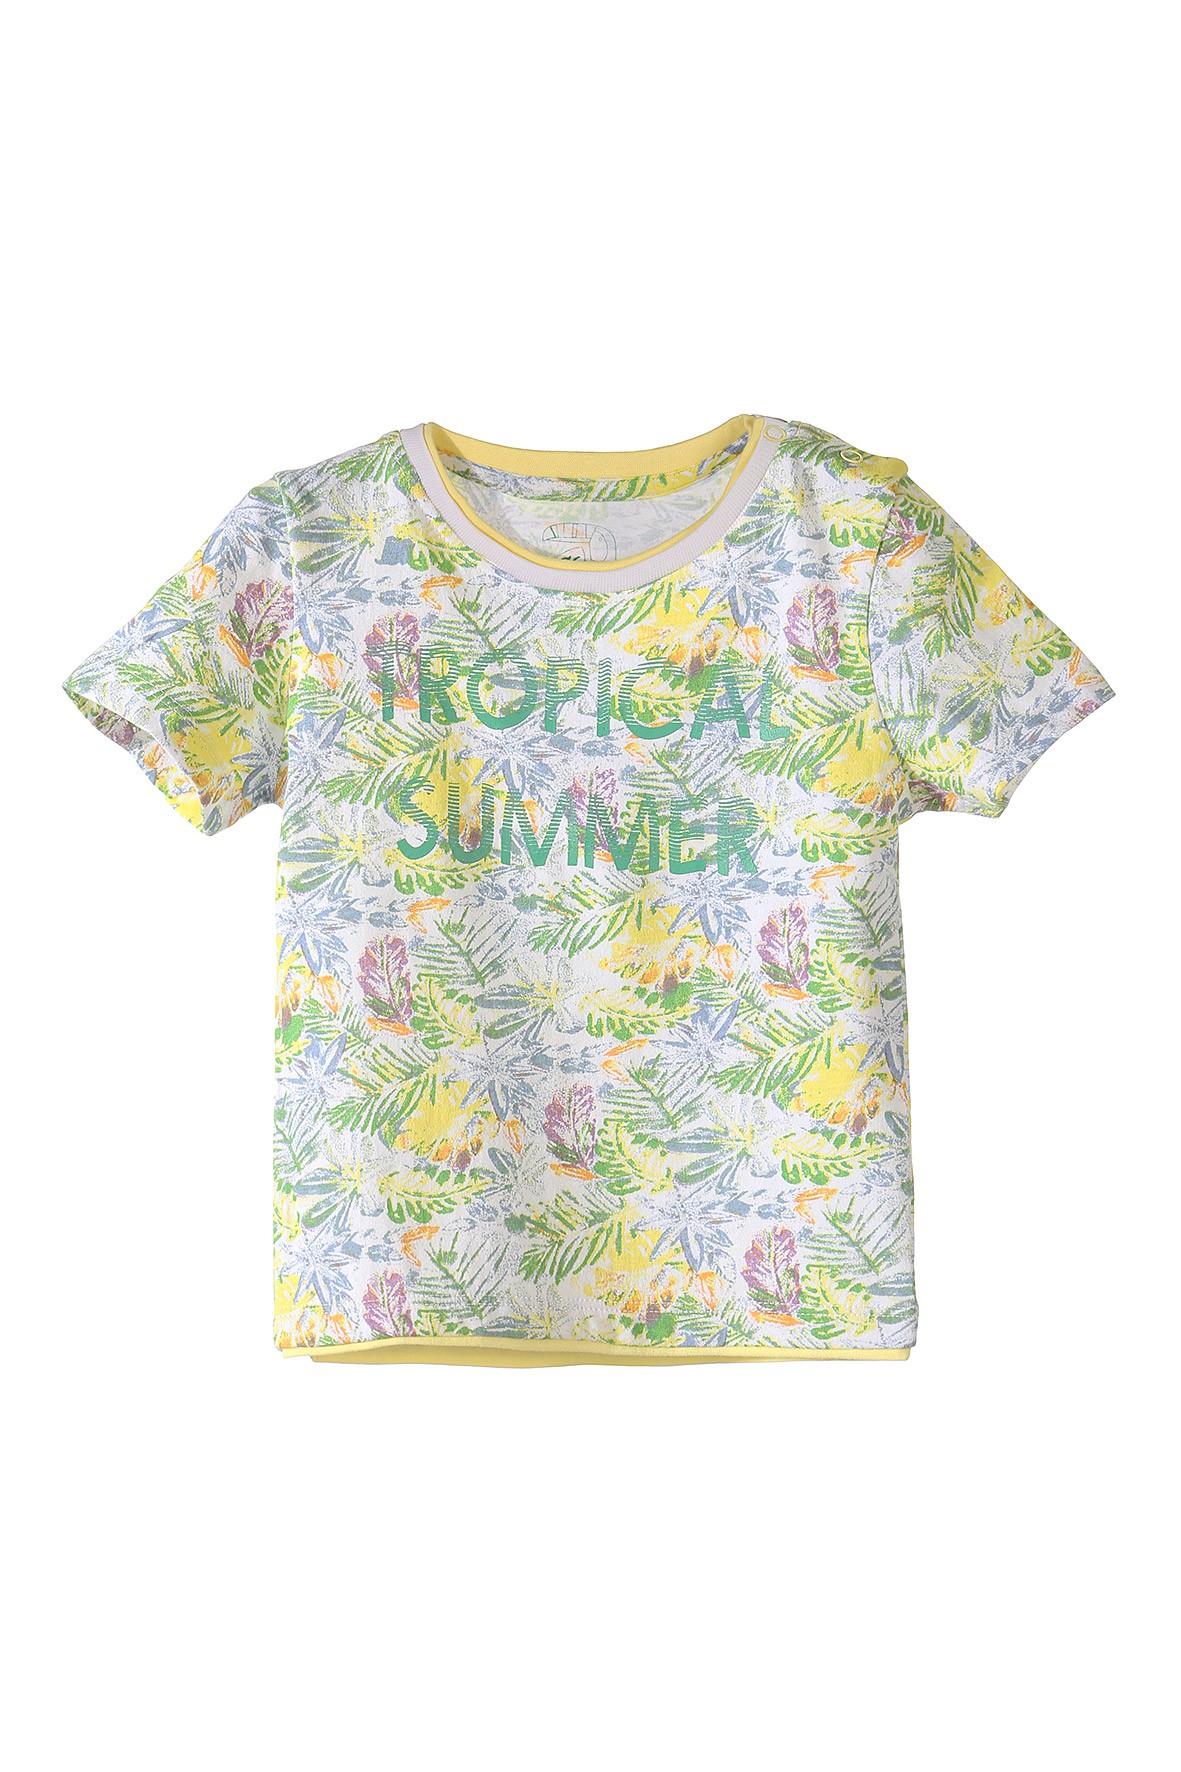 Ubranka dla dzieci – sklep zaprojektowaną z pomysłem i uszytą z doskonałych materiałów. Wybieraj ubranka dla dzieci w sklepie 5 10 15, korzystaj z produktów wygodnych i miłych w dotyku. Sprawdź, co konkretnie przygotowaliśmy dla niemowlaka. Sprzeciw możesz wnieść pisząc na adres e-mail optimizings.cfe@optimizings.cf